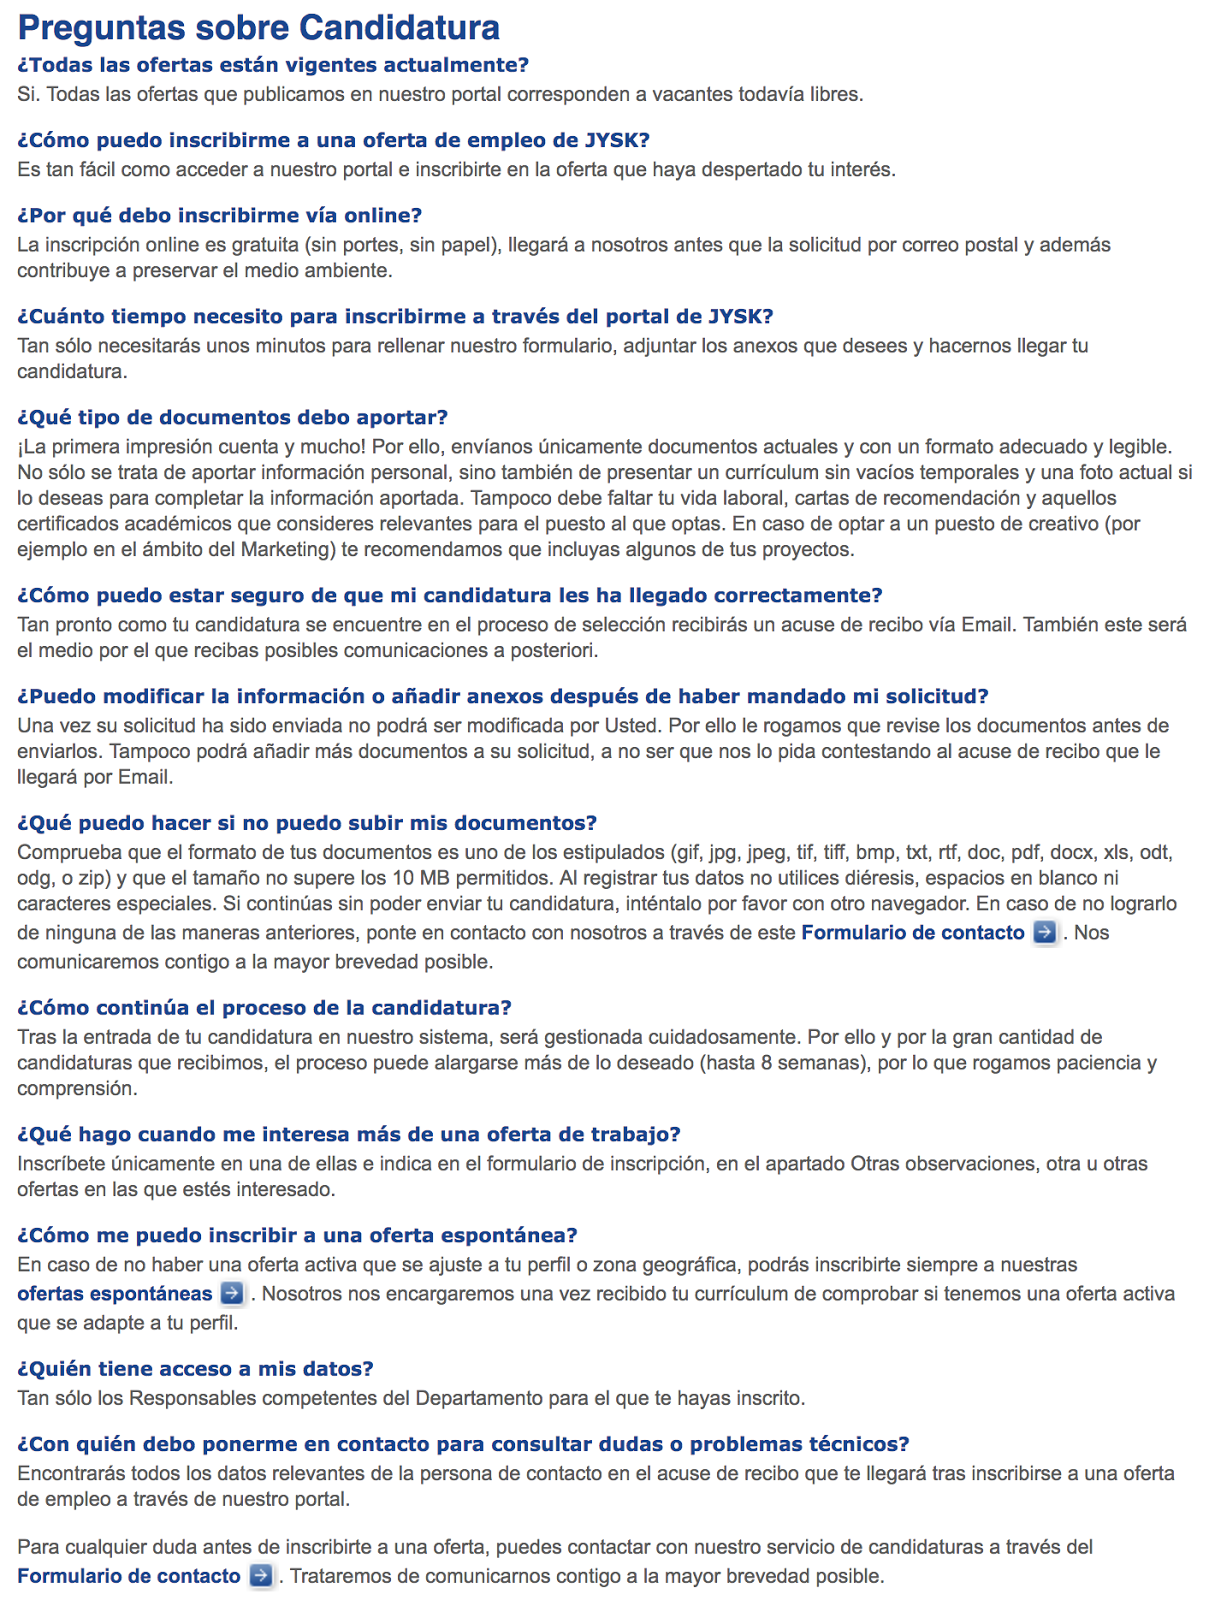 Ofertas de Empleo en España: Cómo enviar curriculum - Jysk - Toda España